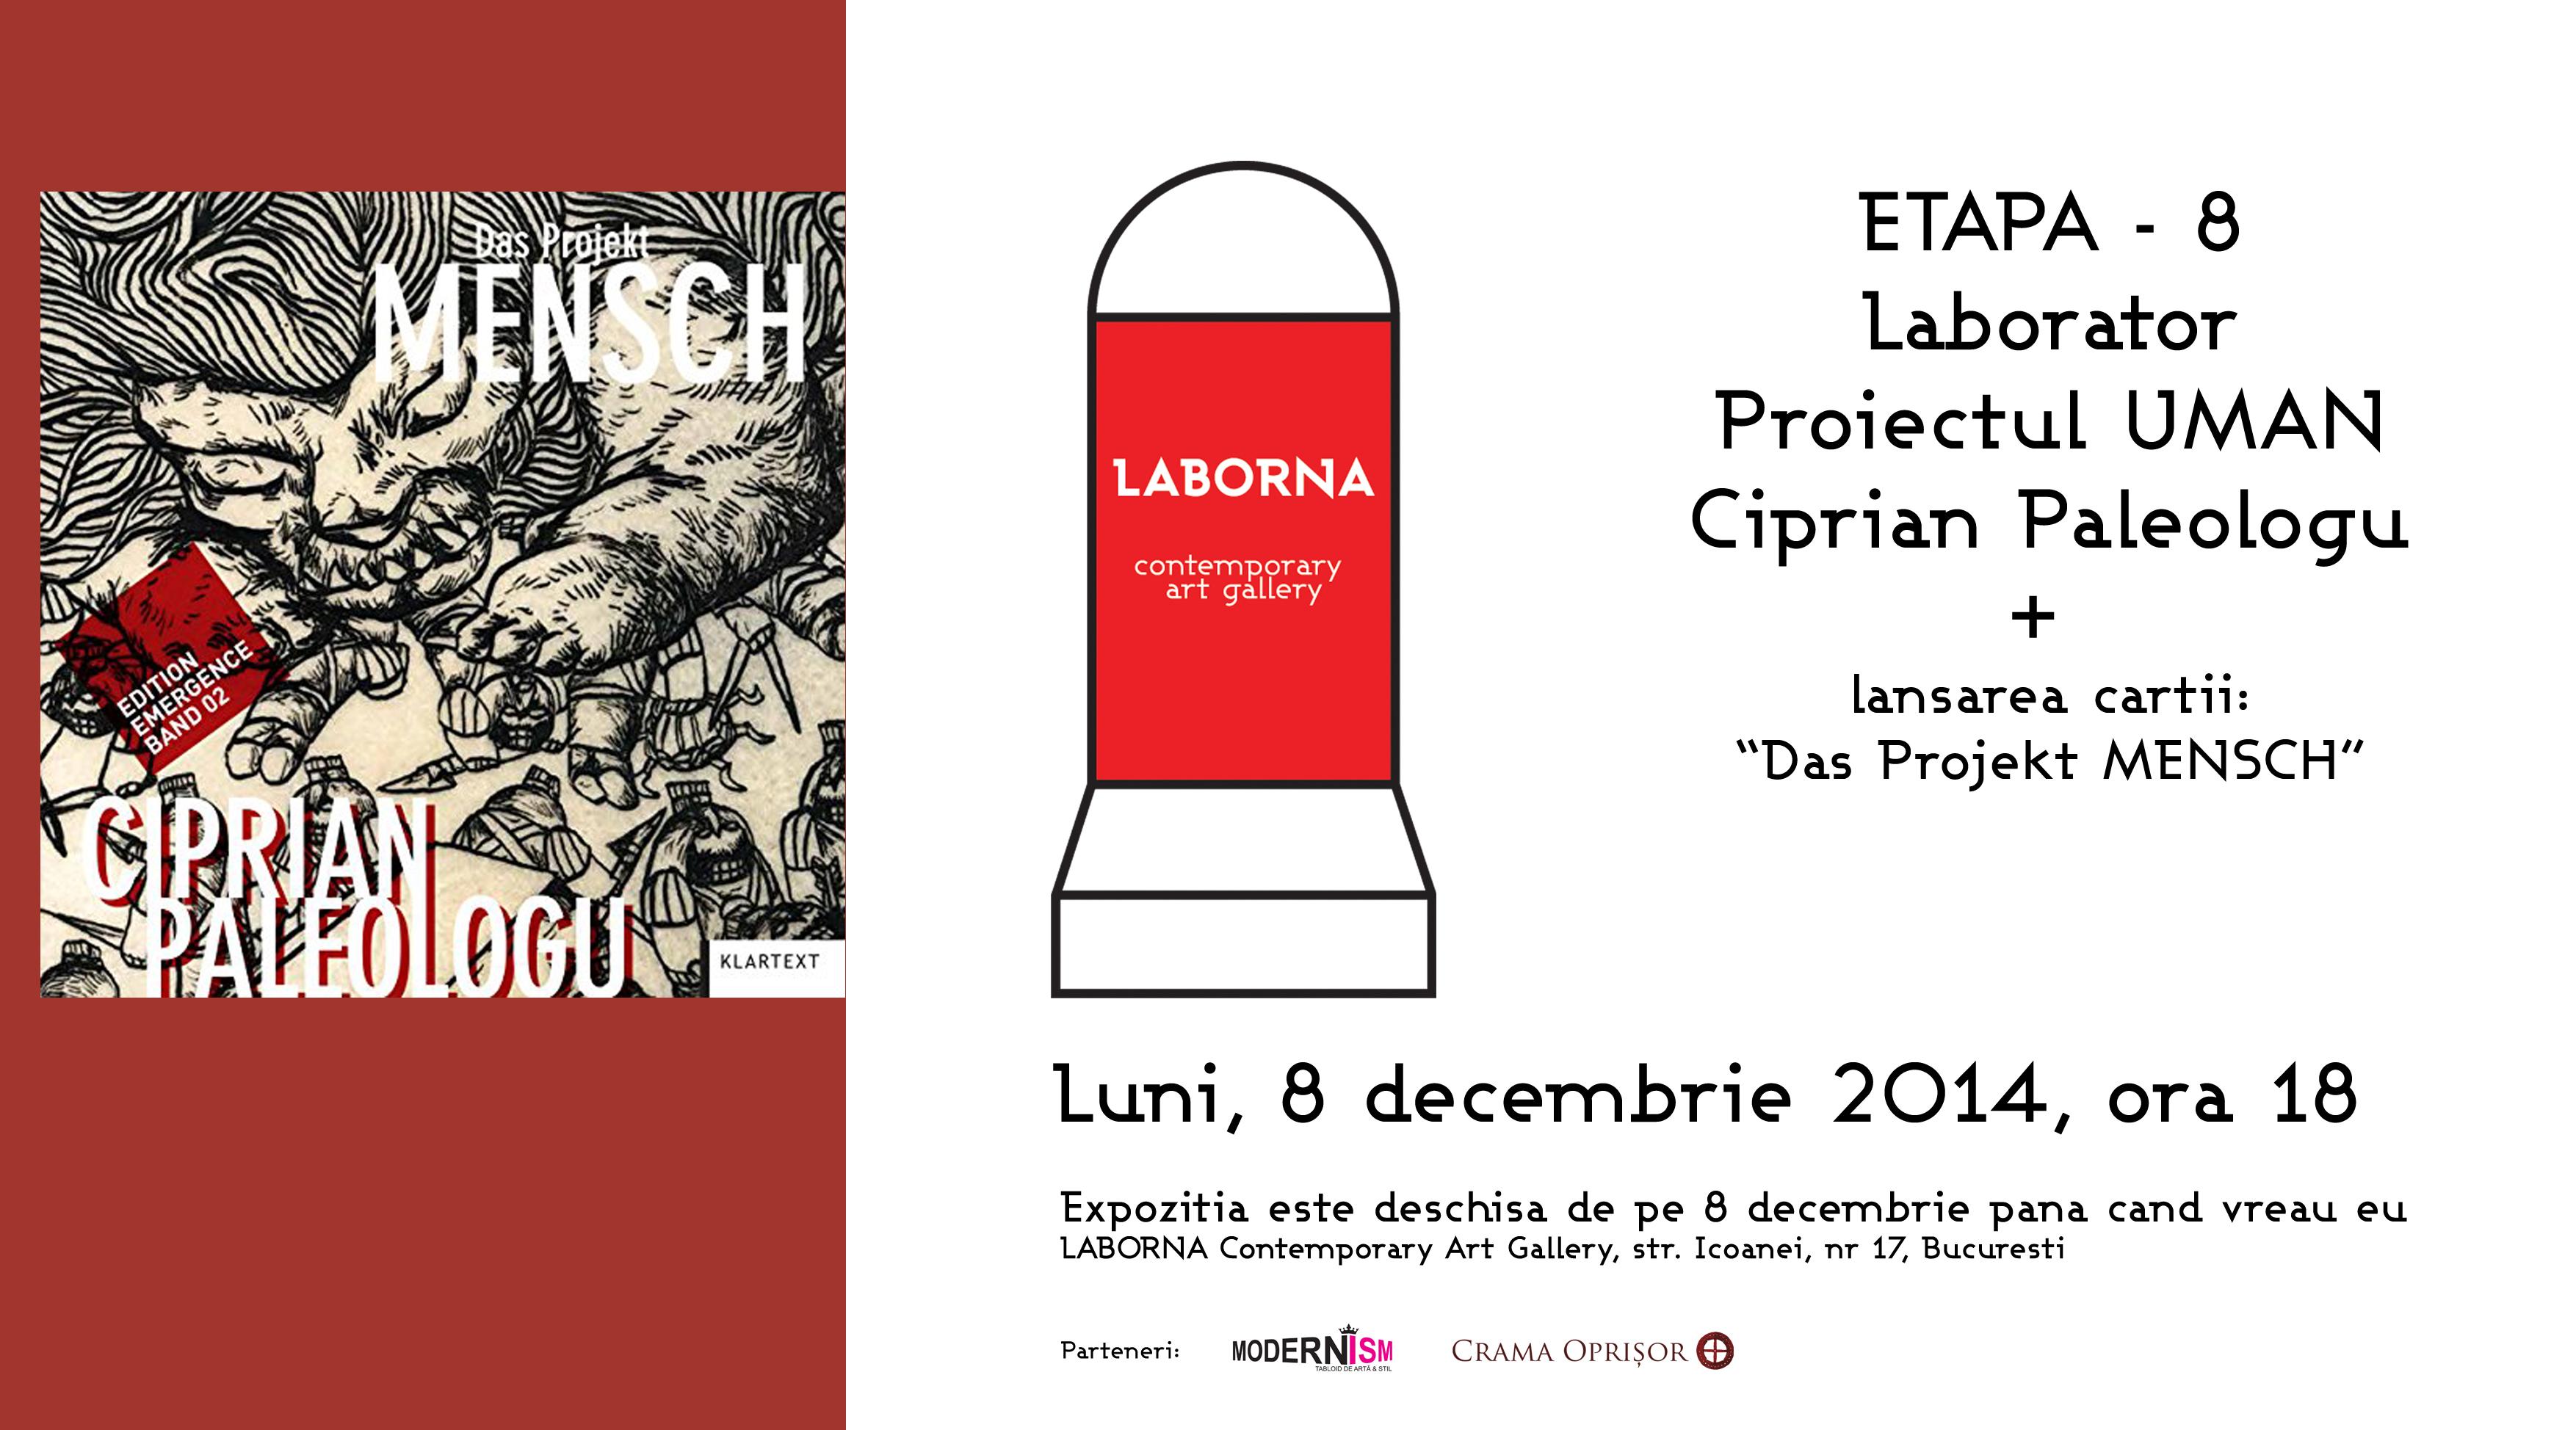 Galeria LABORNA – a 8-a etapa a Proiectului UMAN – Laborator – de Ciprian Paleologu